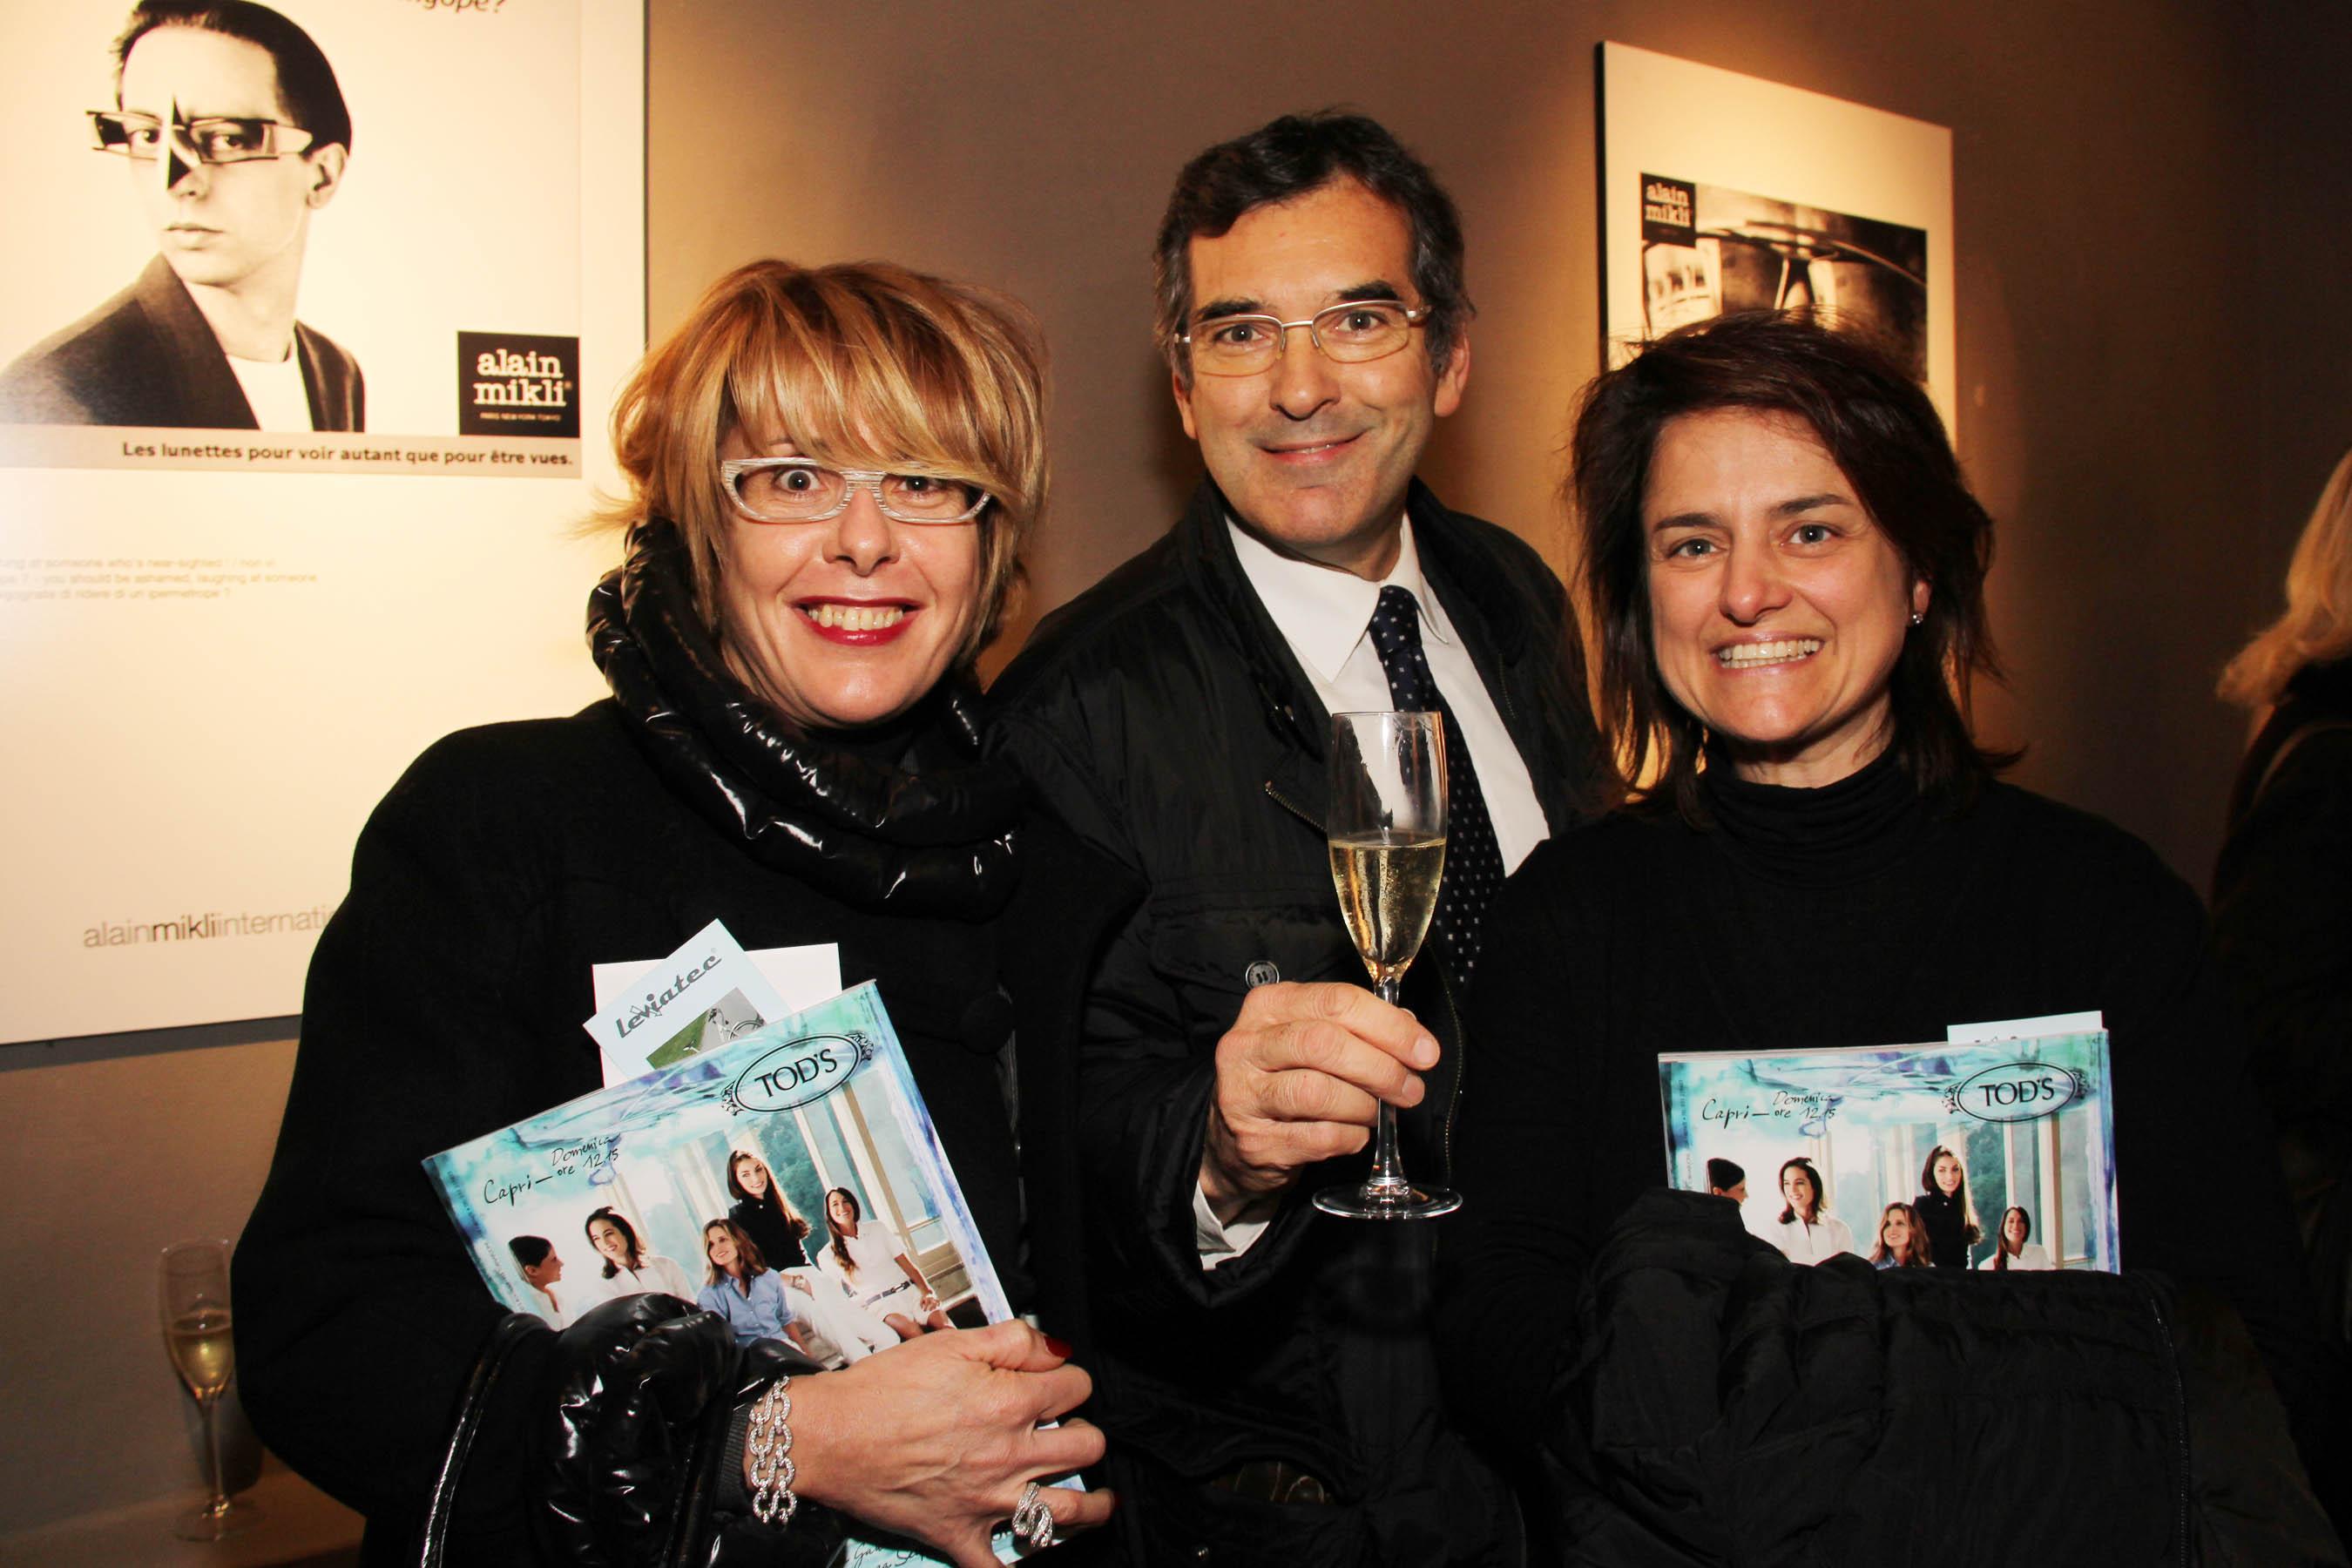 PRESSPHOTO Firenze, festa Firenze Magazine #13, For Gallery. Nella foto Donatella, Mario e Alessandra Fontani